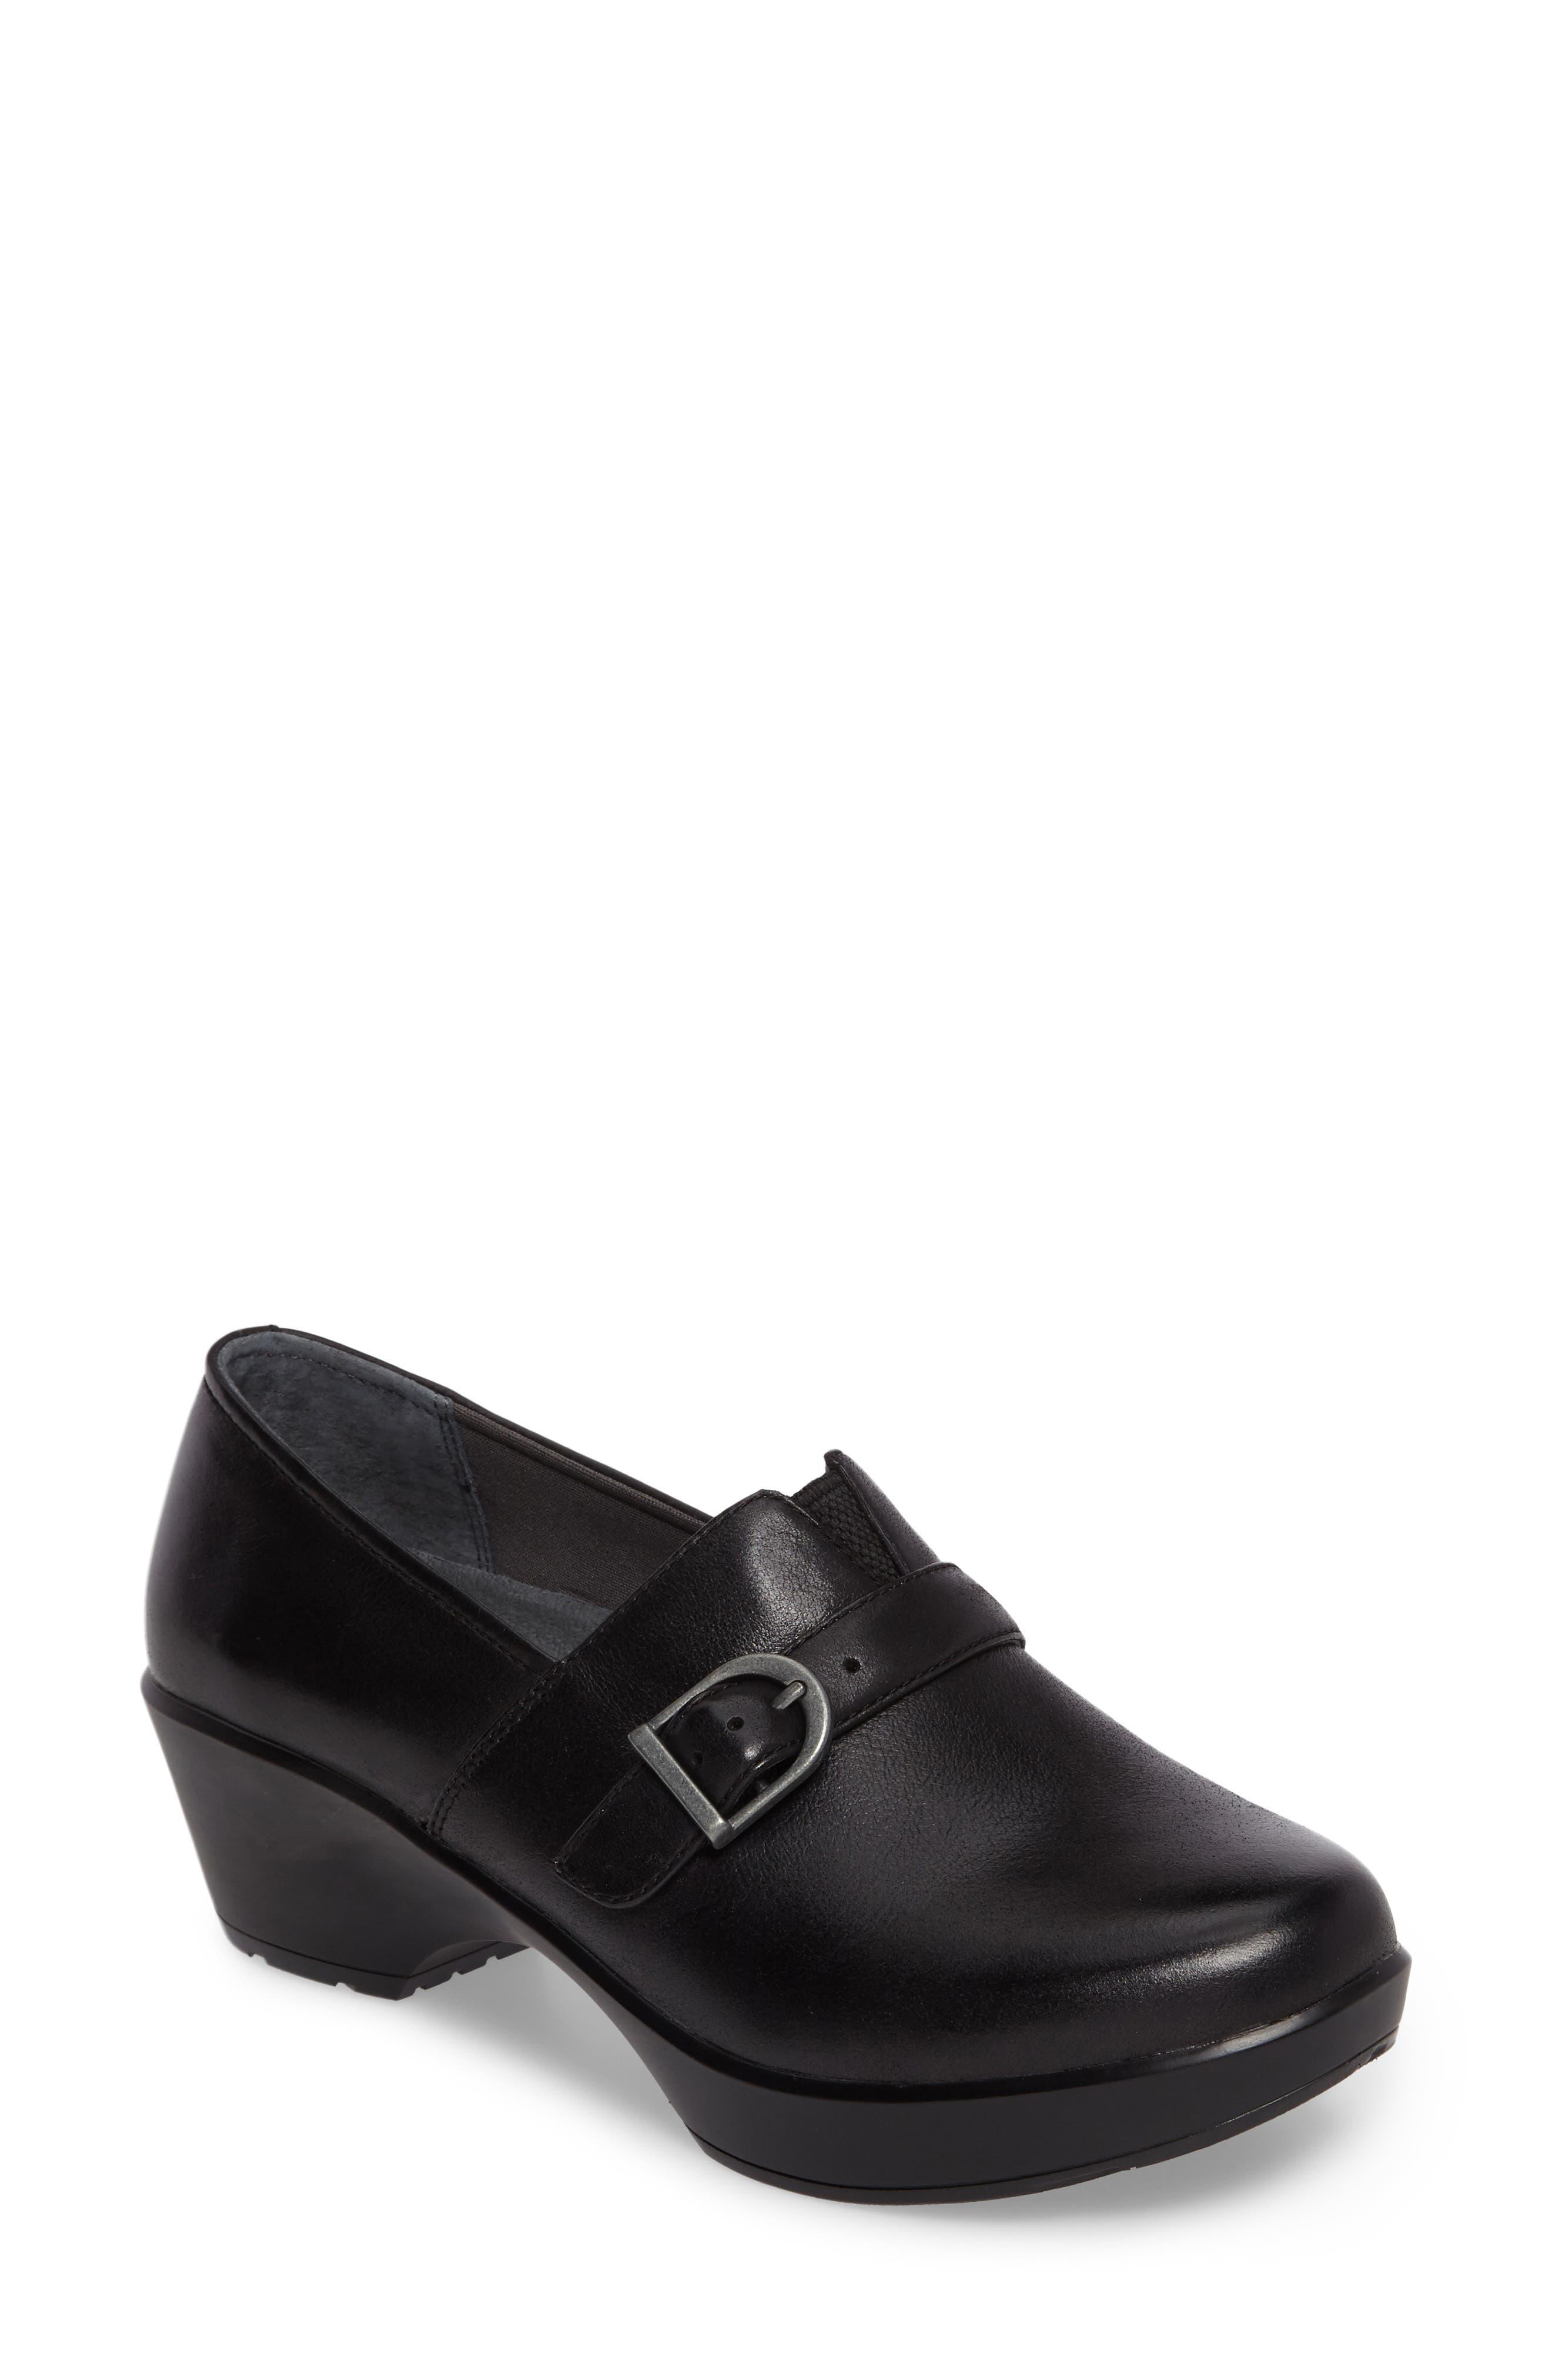 Jane Platform Loafer,                         Main,                         color, Black Burnished Nappa Leather